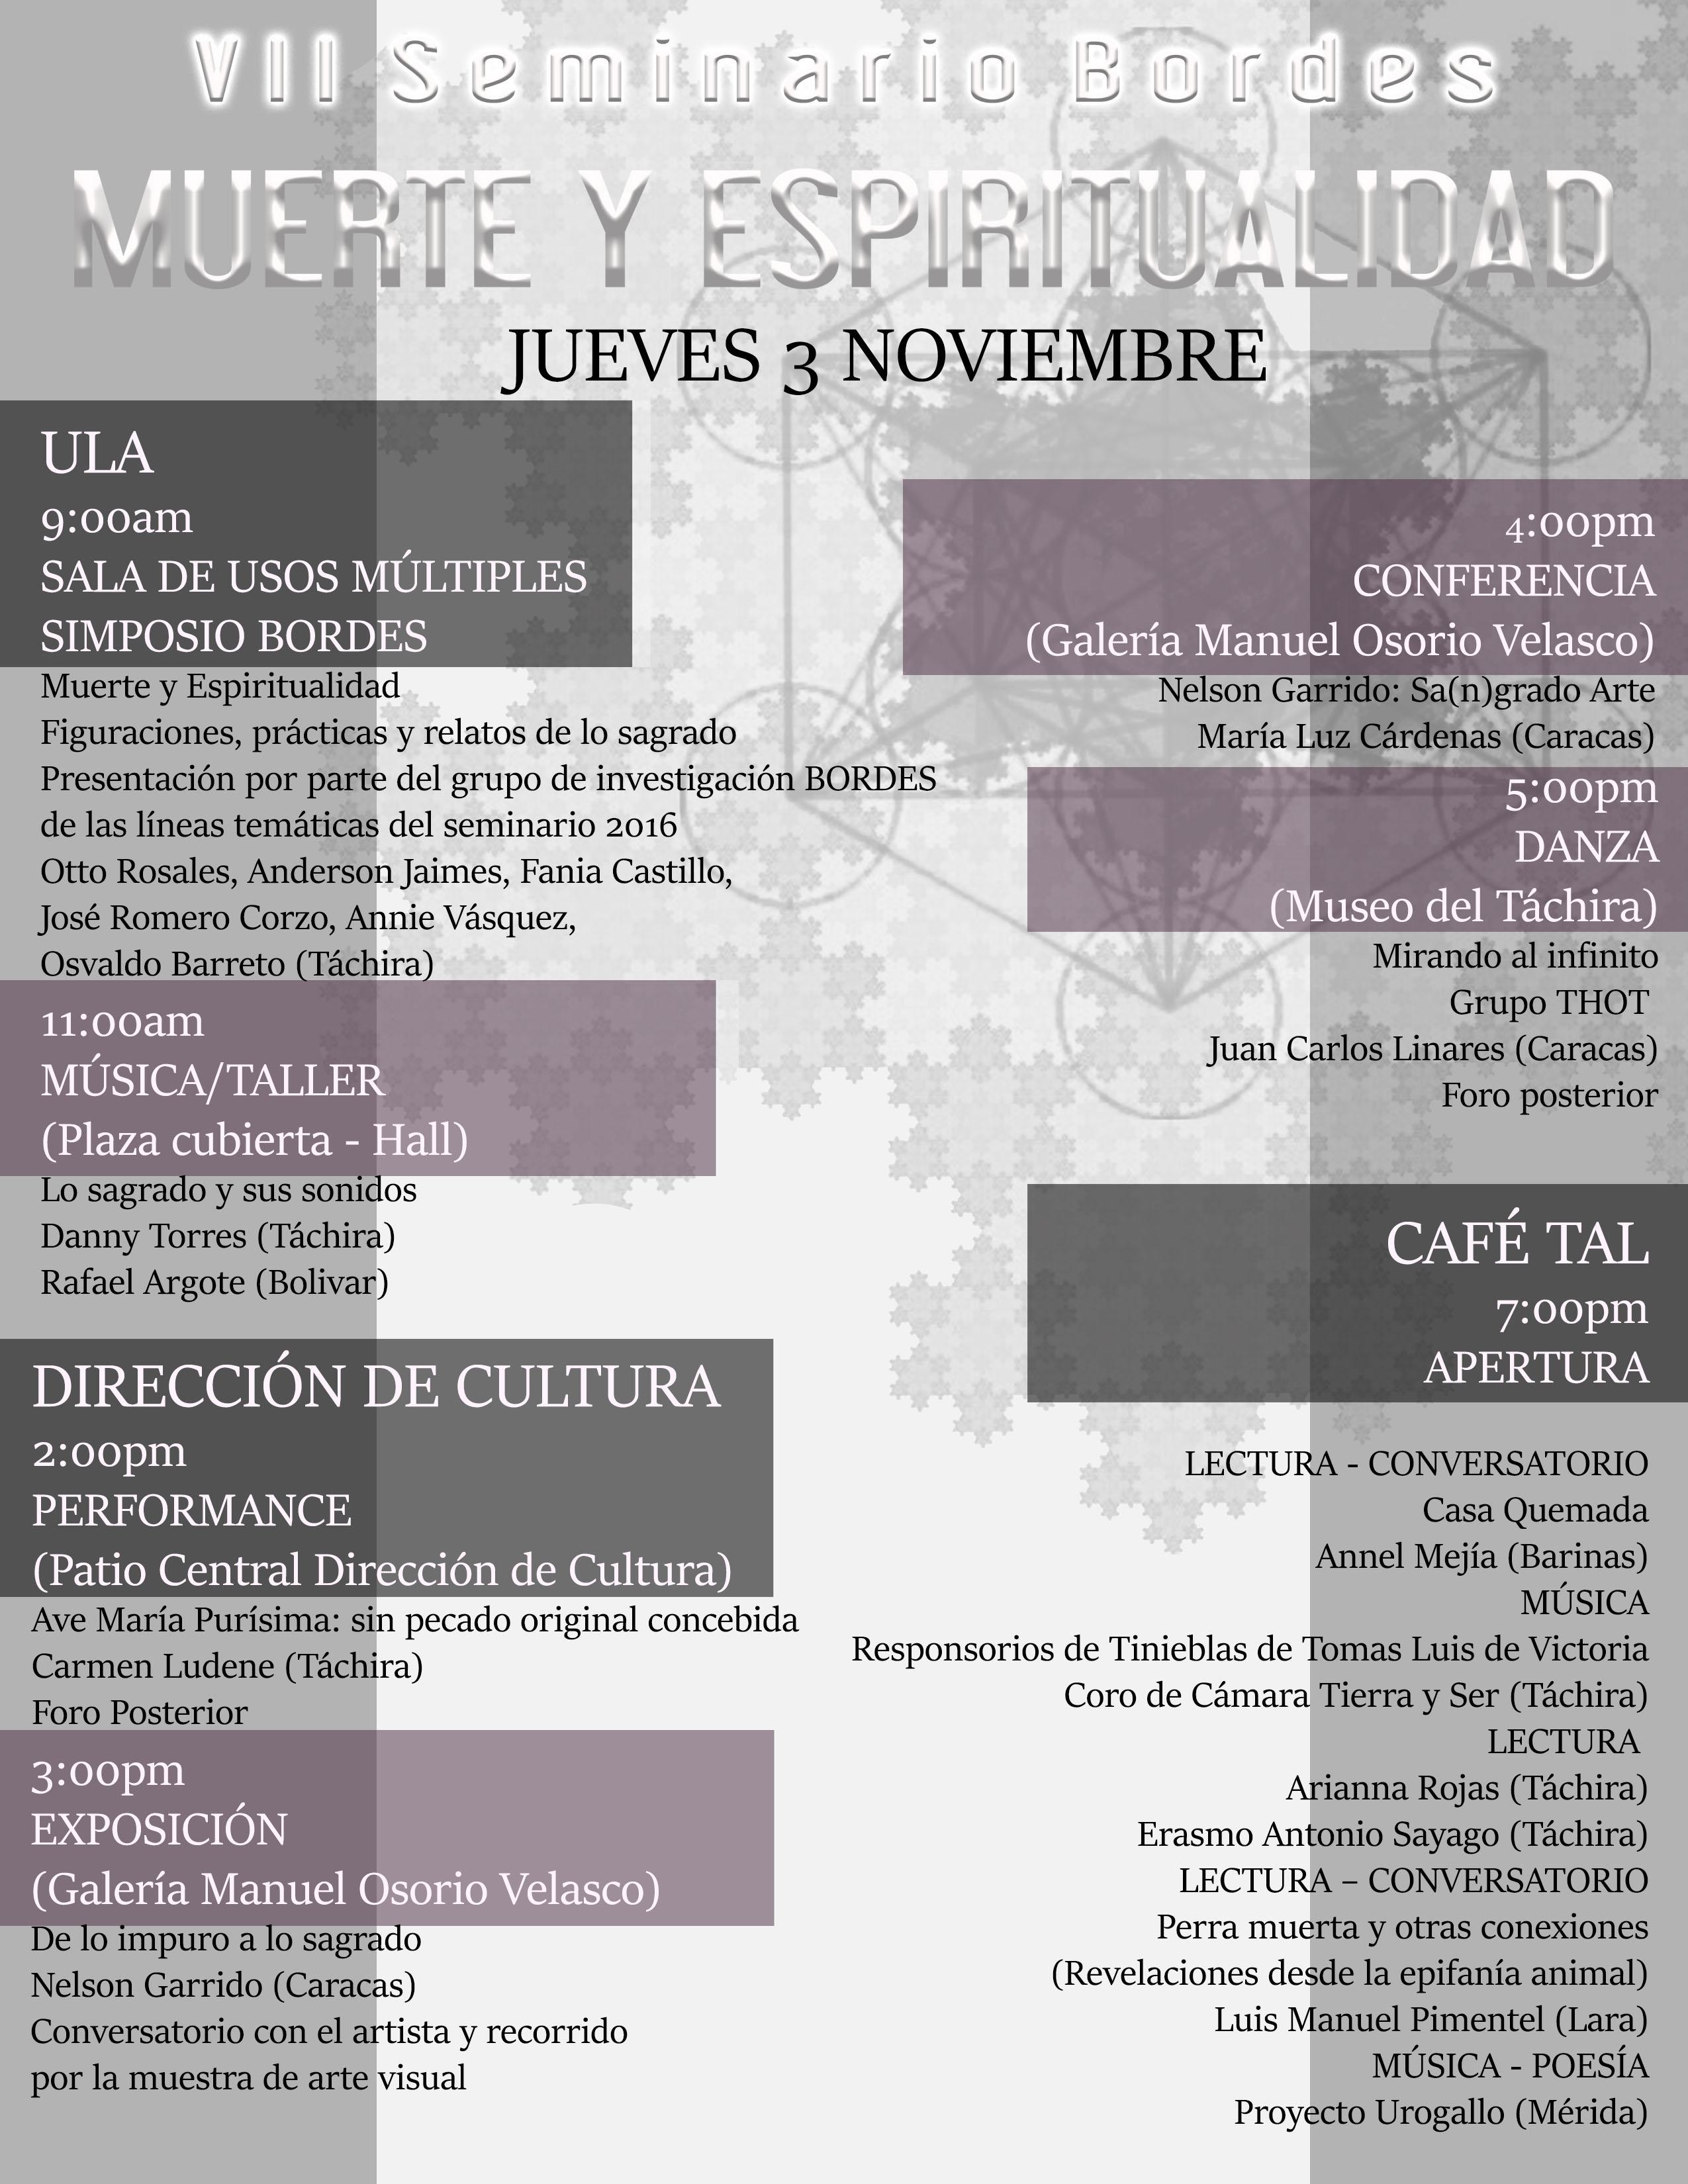 Expresiones artísticas y conferencias sobre la muerte y espiritualidad marcan VII Seminario Bordes